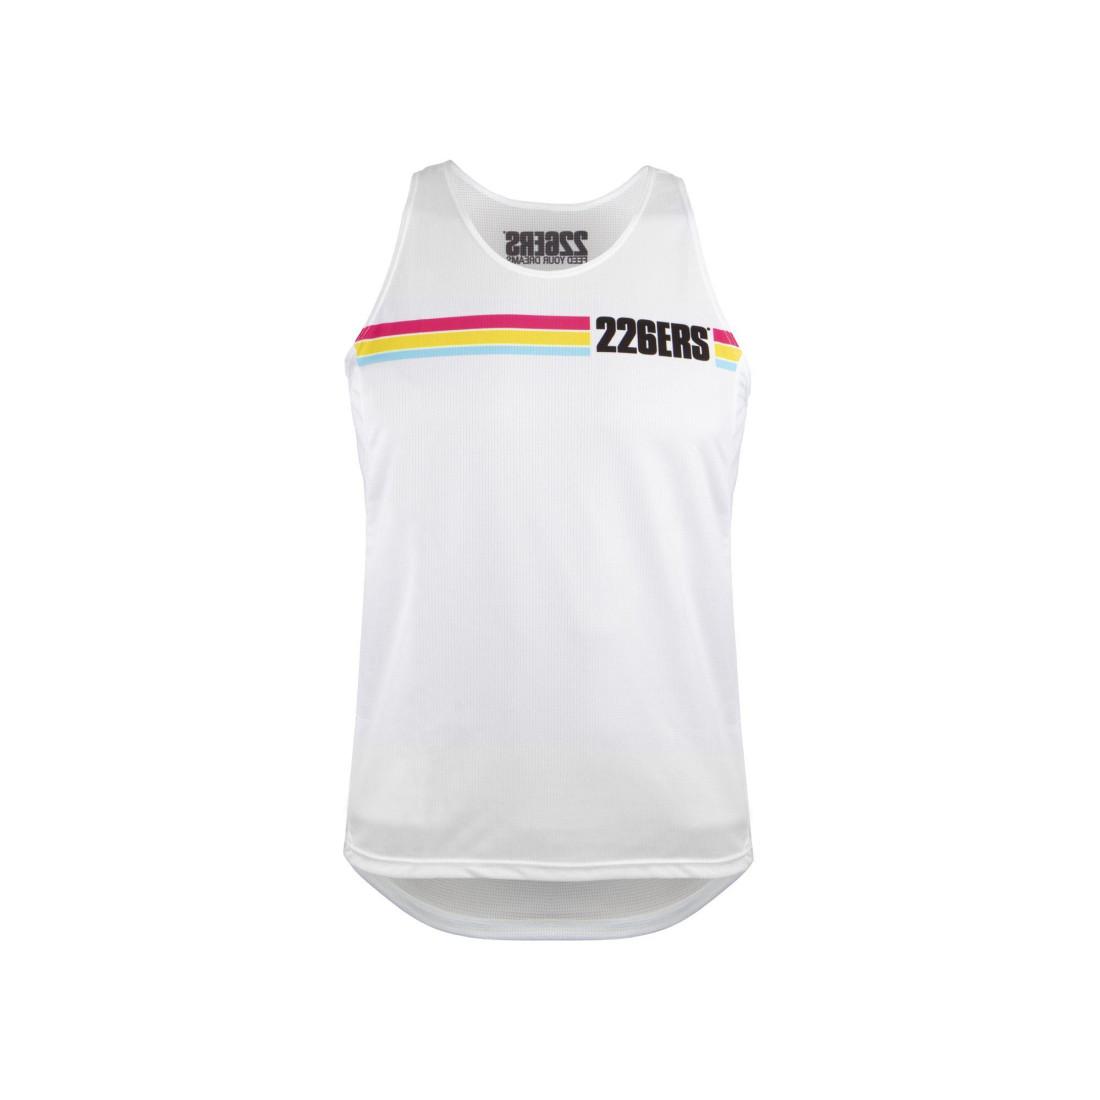 CAMISETA RUNNING TIRANTES - Colour Lines - Regular Fit